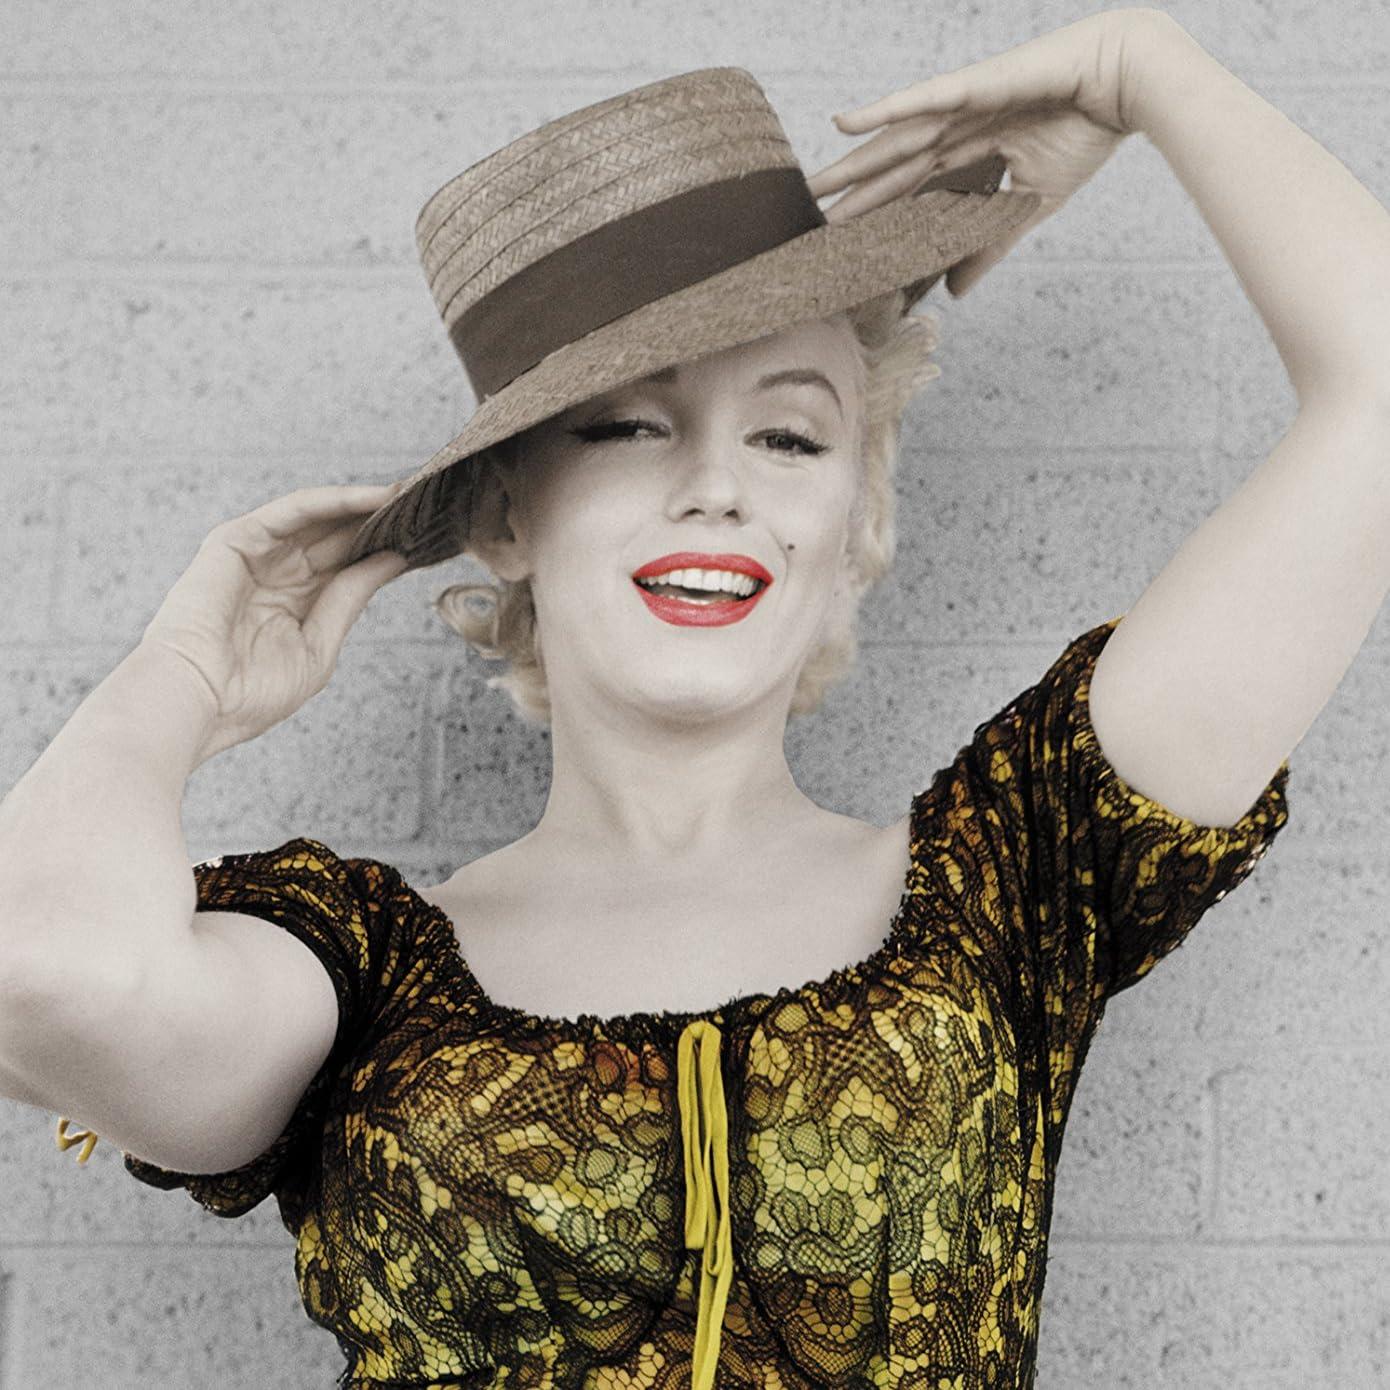 マリリン モンロー Ipad壁紙 アメリカ合衆国の女優 モデルである